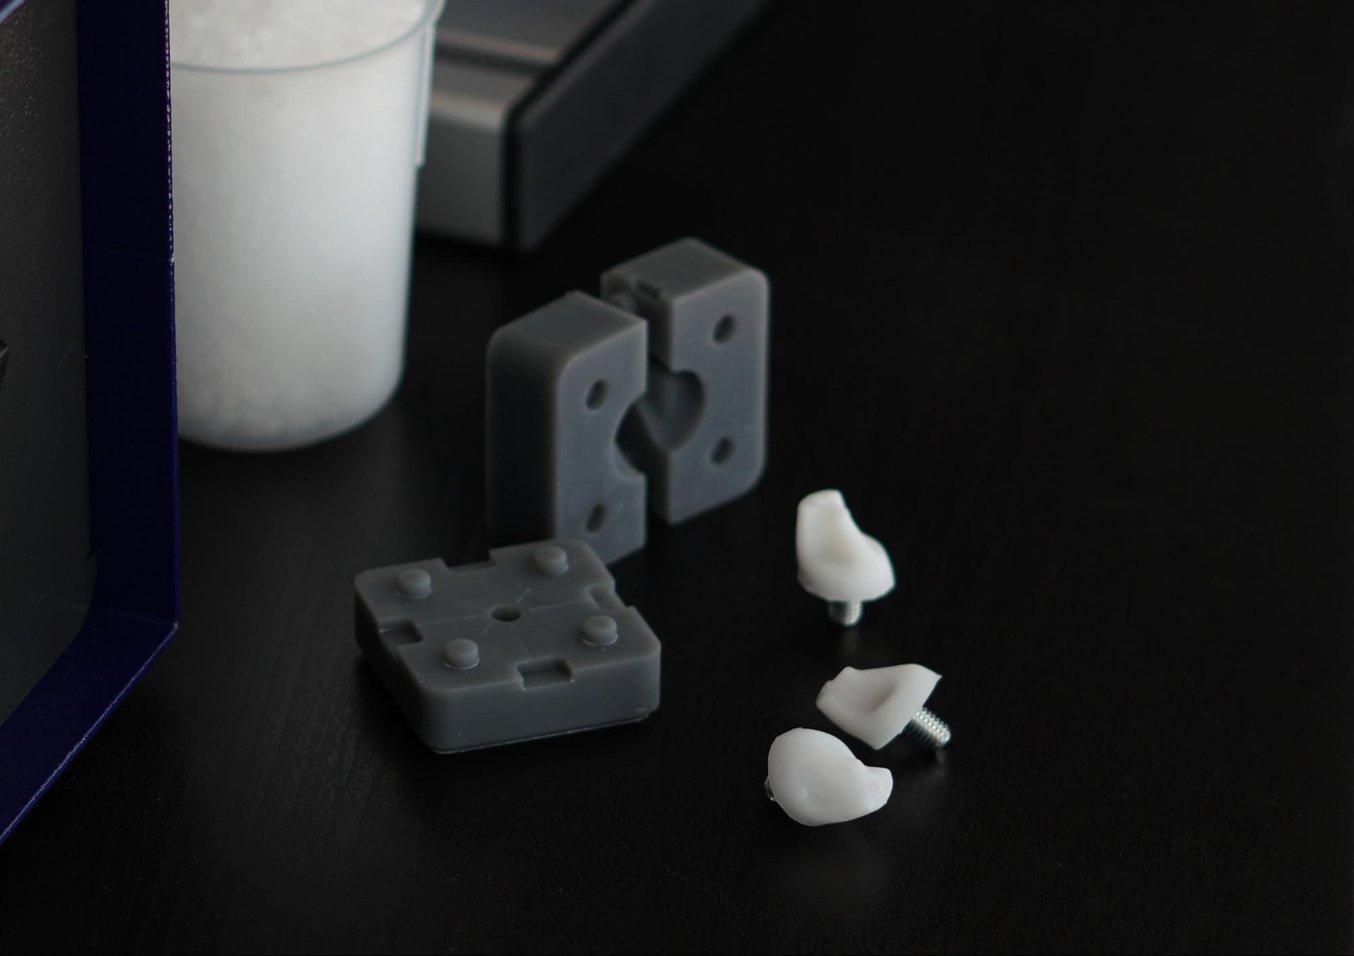 Des prototypes de ces crampons de football ont été moulés par injection dans des moules imprimés en3D avec trois thermoplastiques différents, du polyoxyméthylène (POM, 180°C), du polyamide 6,6 (PA, 270°C) et du polypropylène (PP, 210°C).